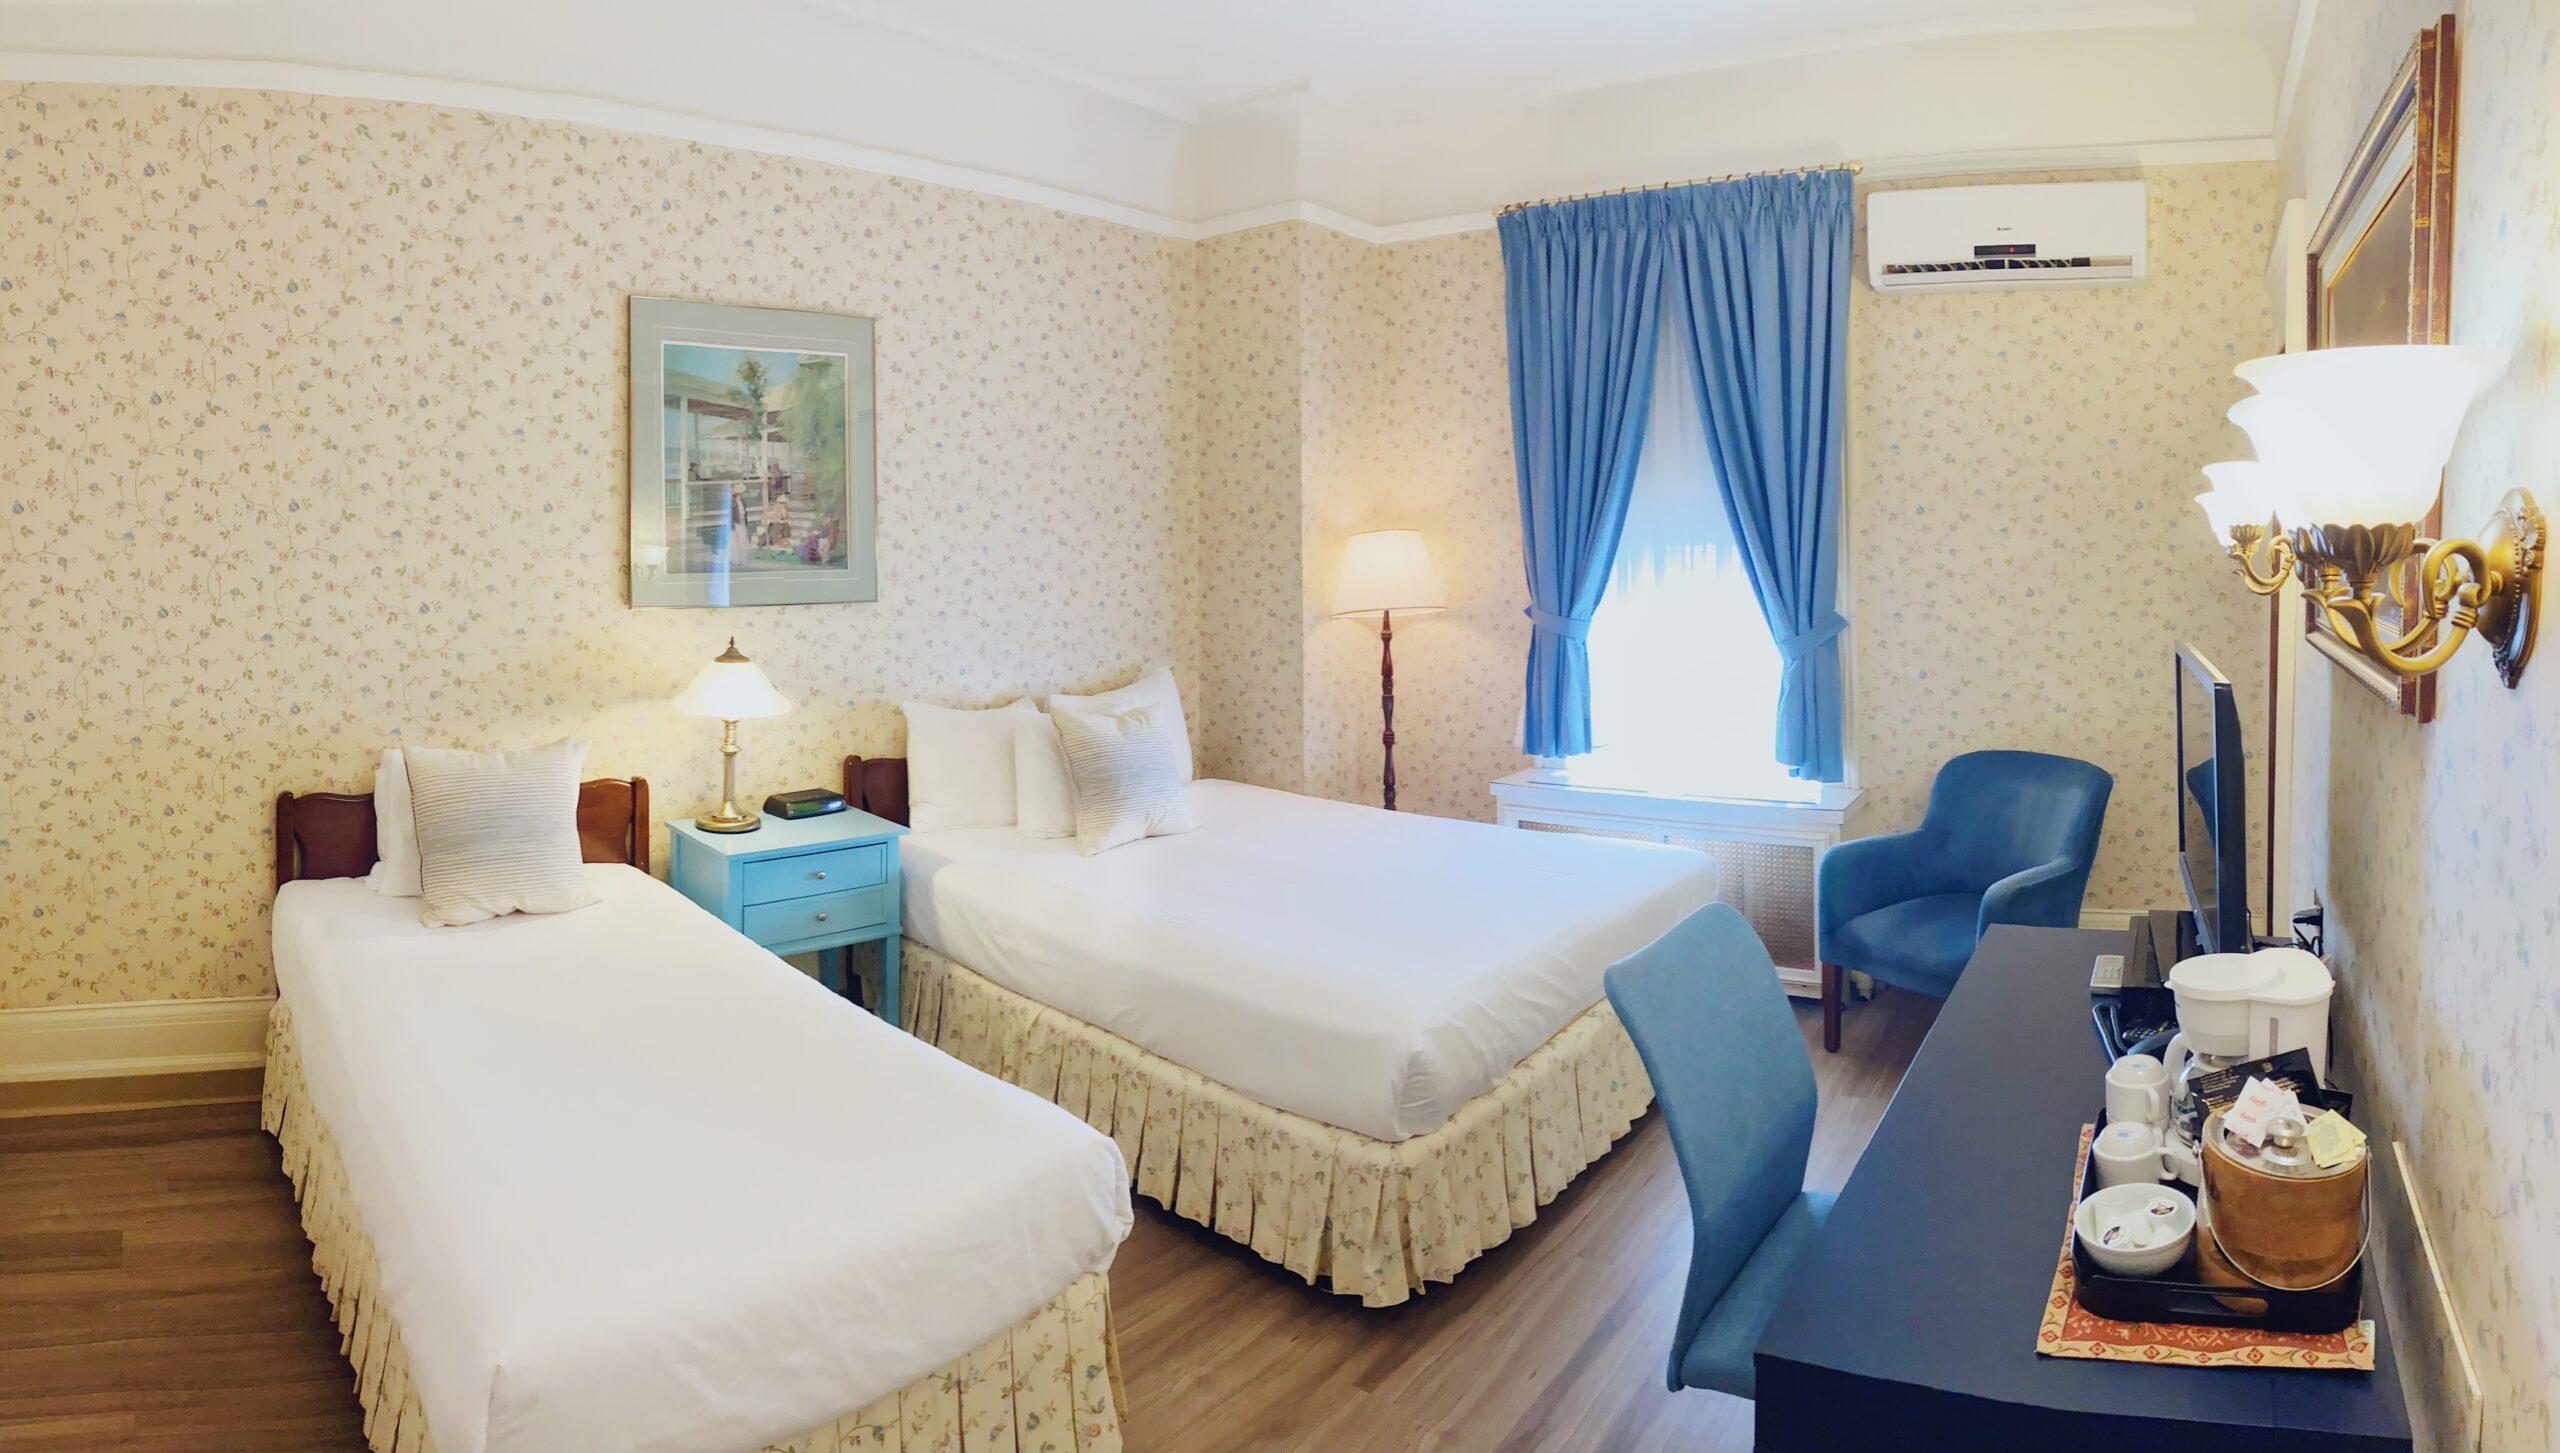 Queen bed + single bed